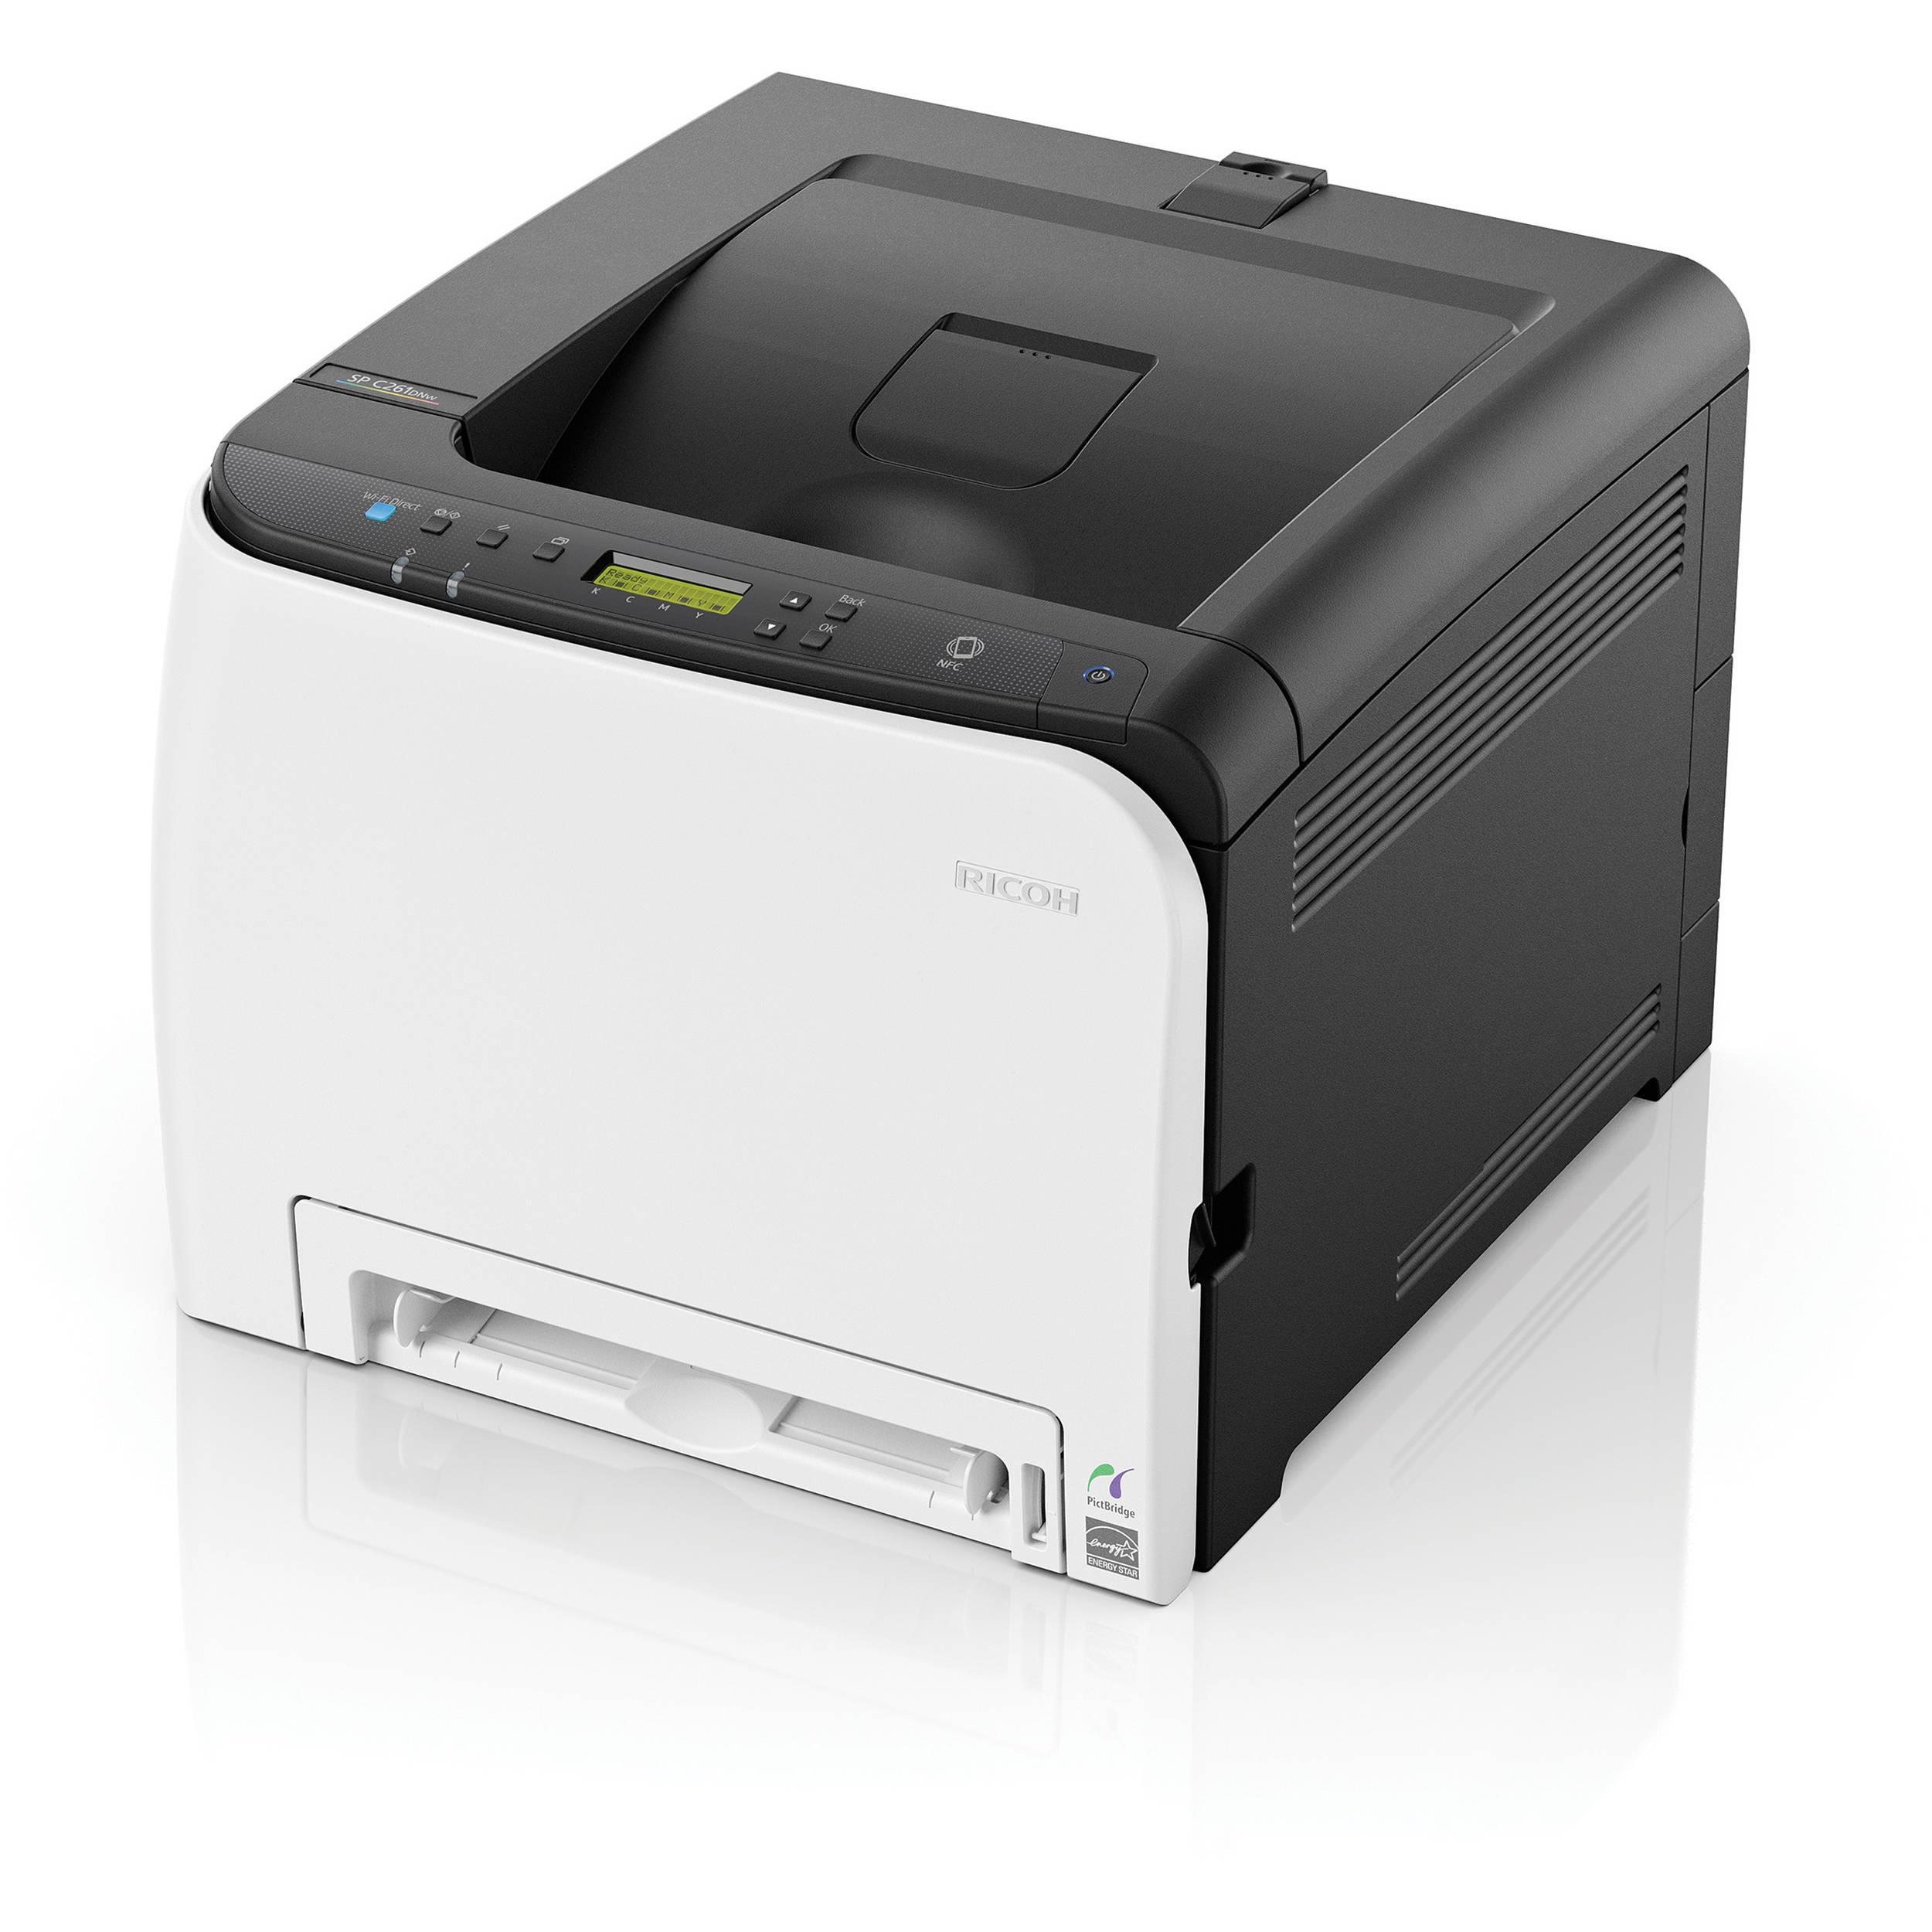 Ricoh SP C261DNw, 20 стор./хв., повнокольоровий мережевий принтер, дуплекс